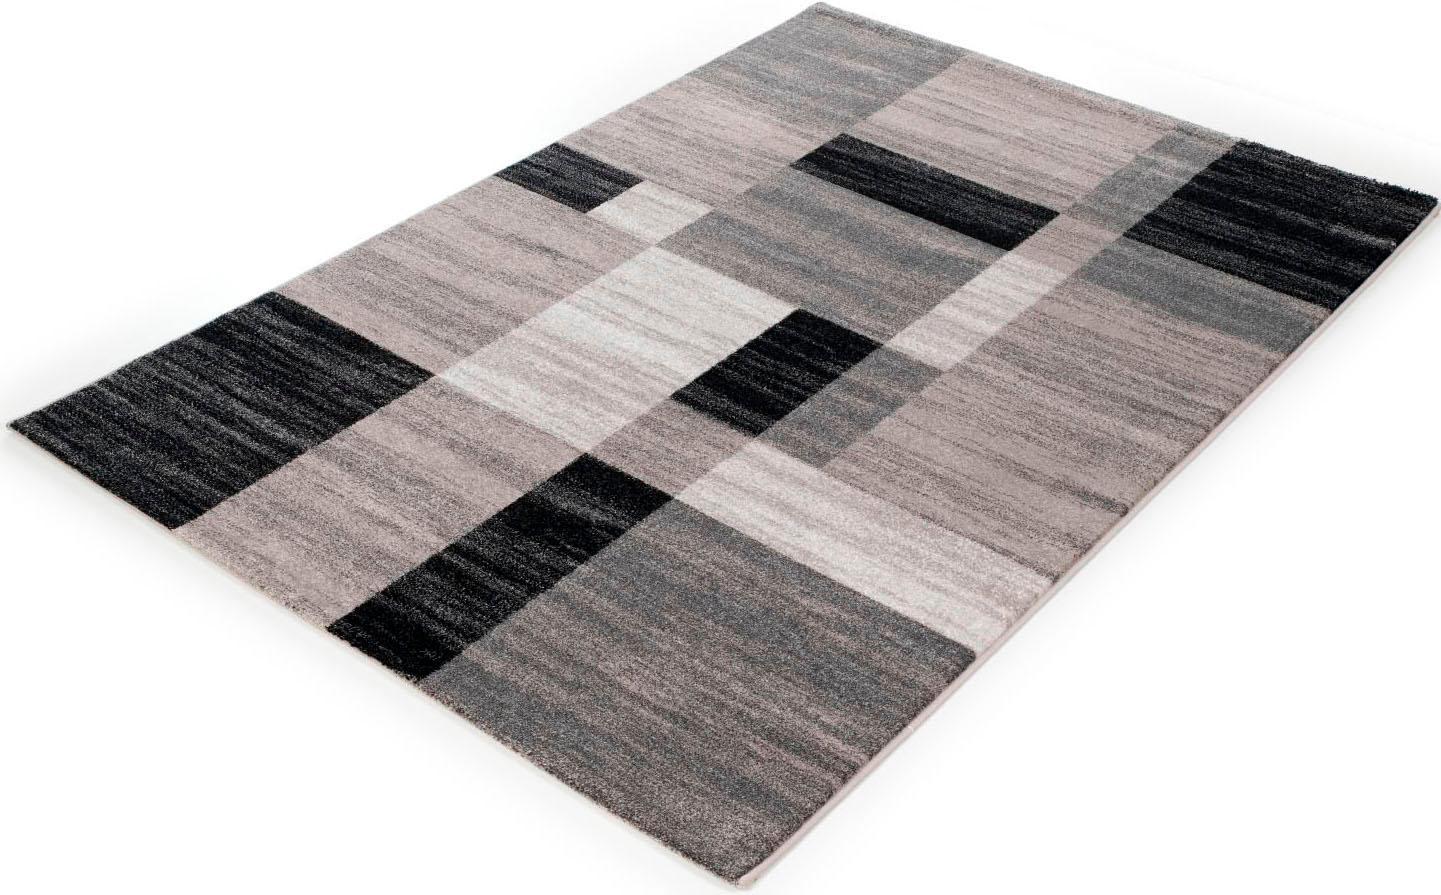 Teppich First Block OCI DIE TEPPICHMARKE rechteckig Höhe 12 mm maschinell gewebt